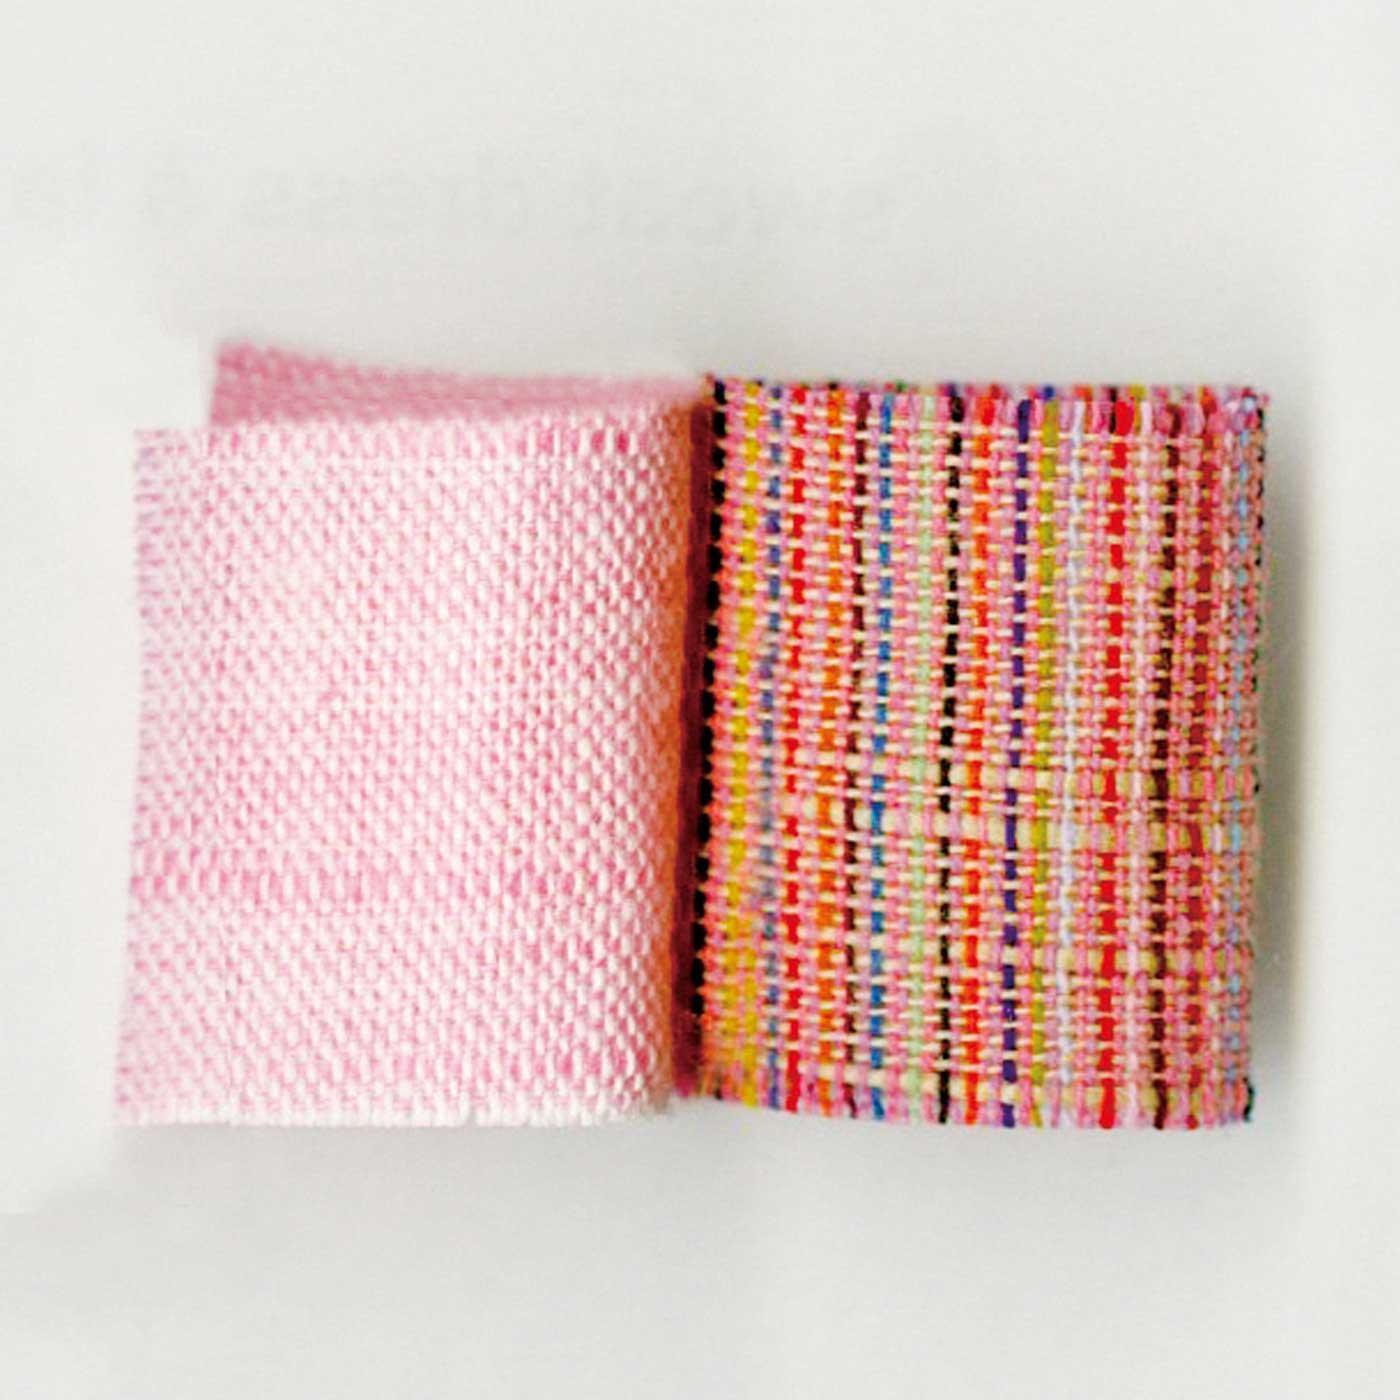 【会津木綿】 会津地方で400年以上も愛されてきた会津木綿。素朴な風合いの美しい縞柄が特徴です。